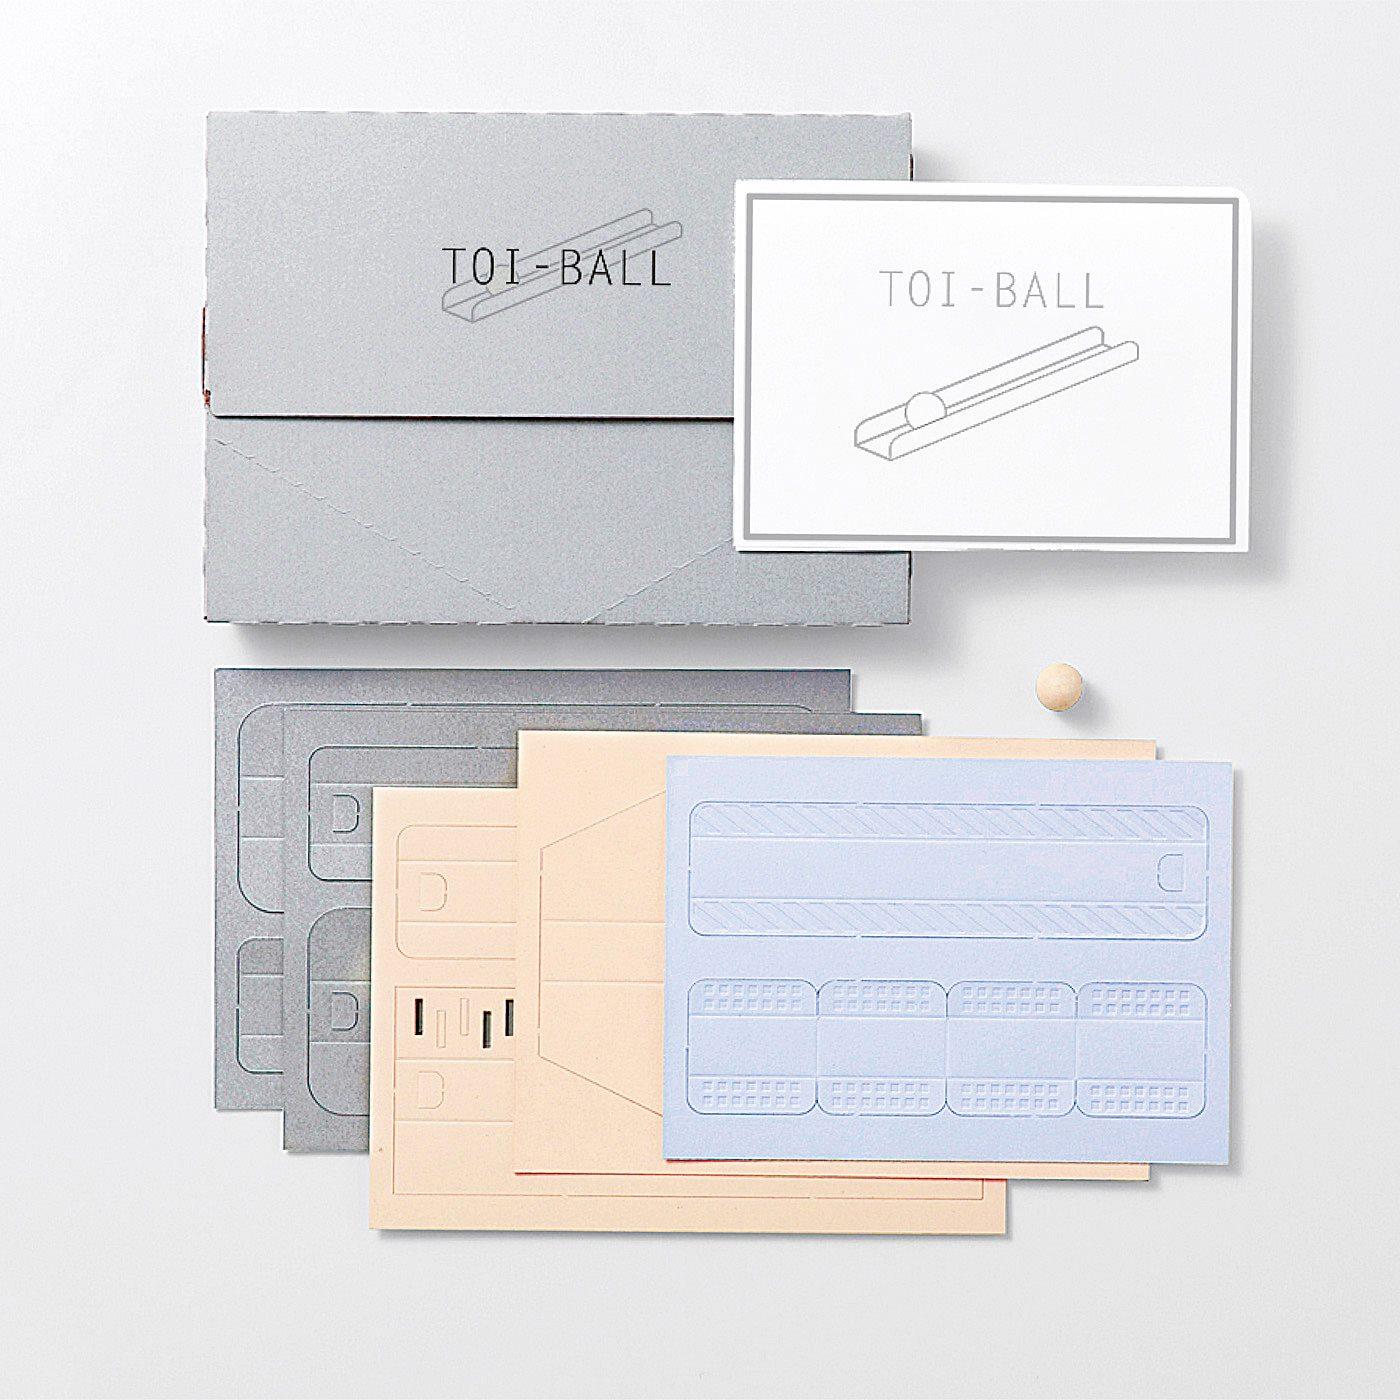 ●1回のお届けセット例 贈り物にもステキな専用パッケージに入れてお届けします。